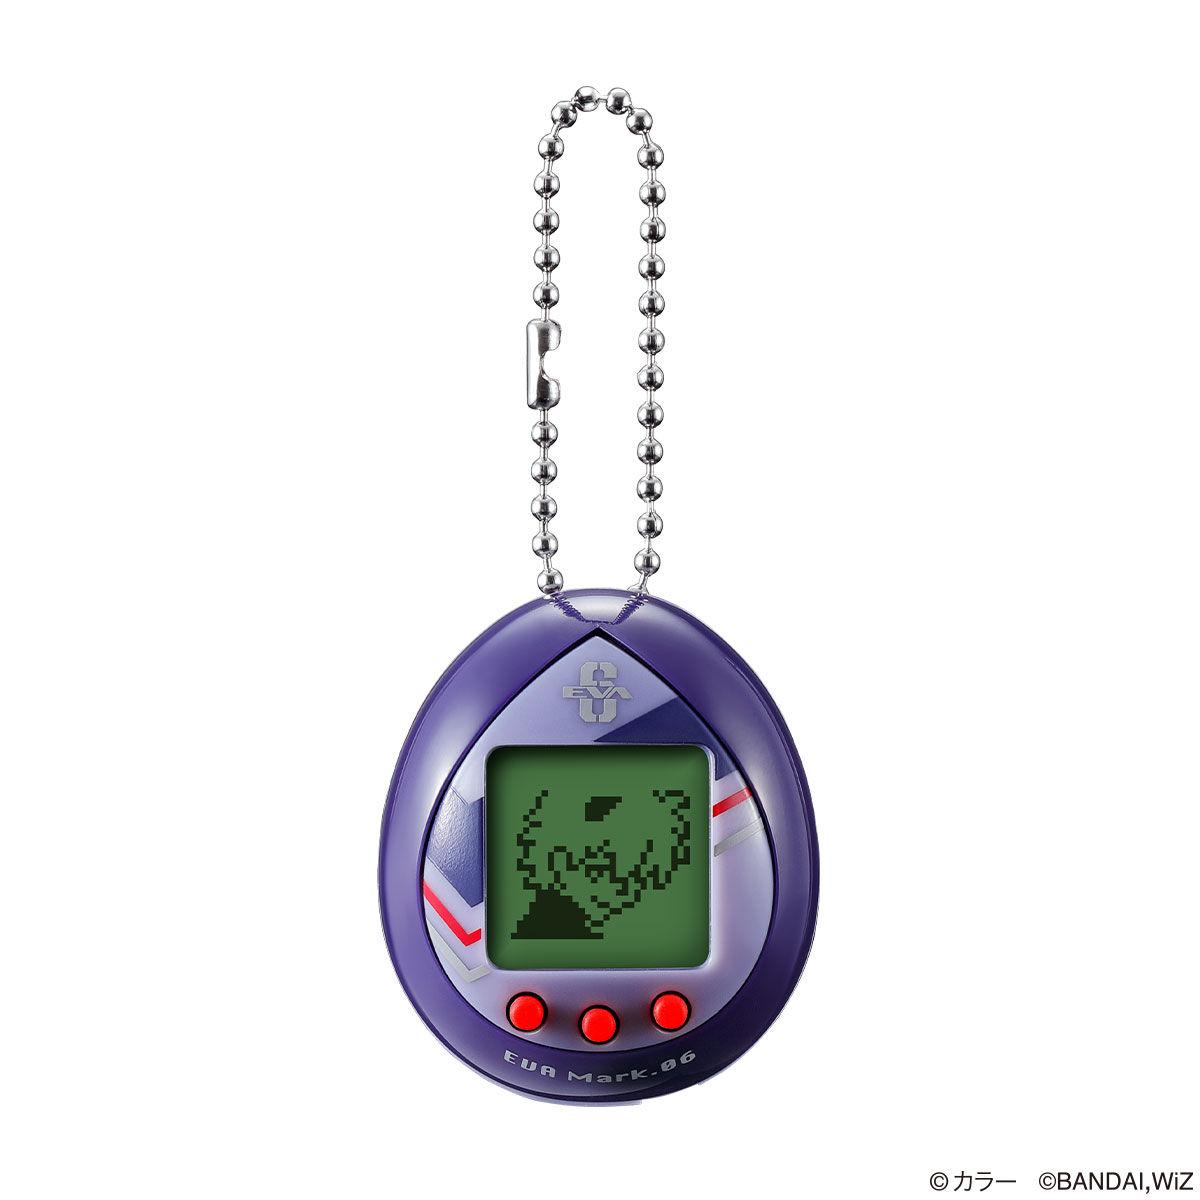 たまごっちnano『汎用卵型決戦兵器 エヴァっち アヤナミレイ(仮称)モデル』新世紀エヴァンゲリオン たまごっち-009